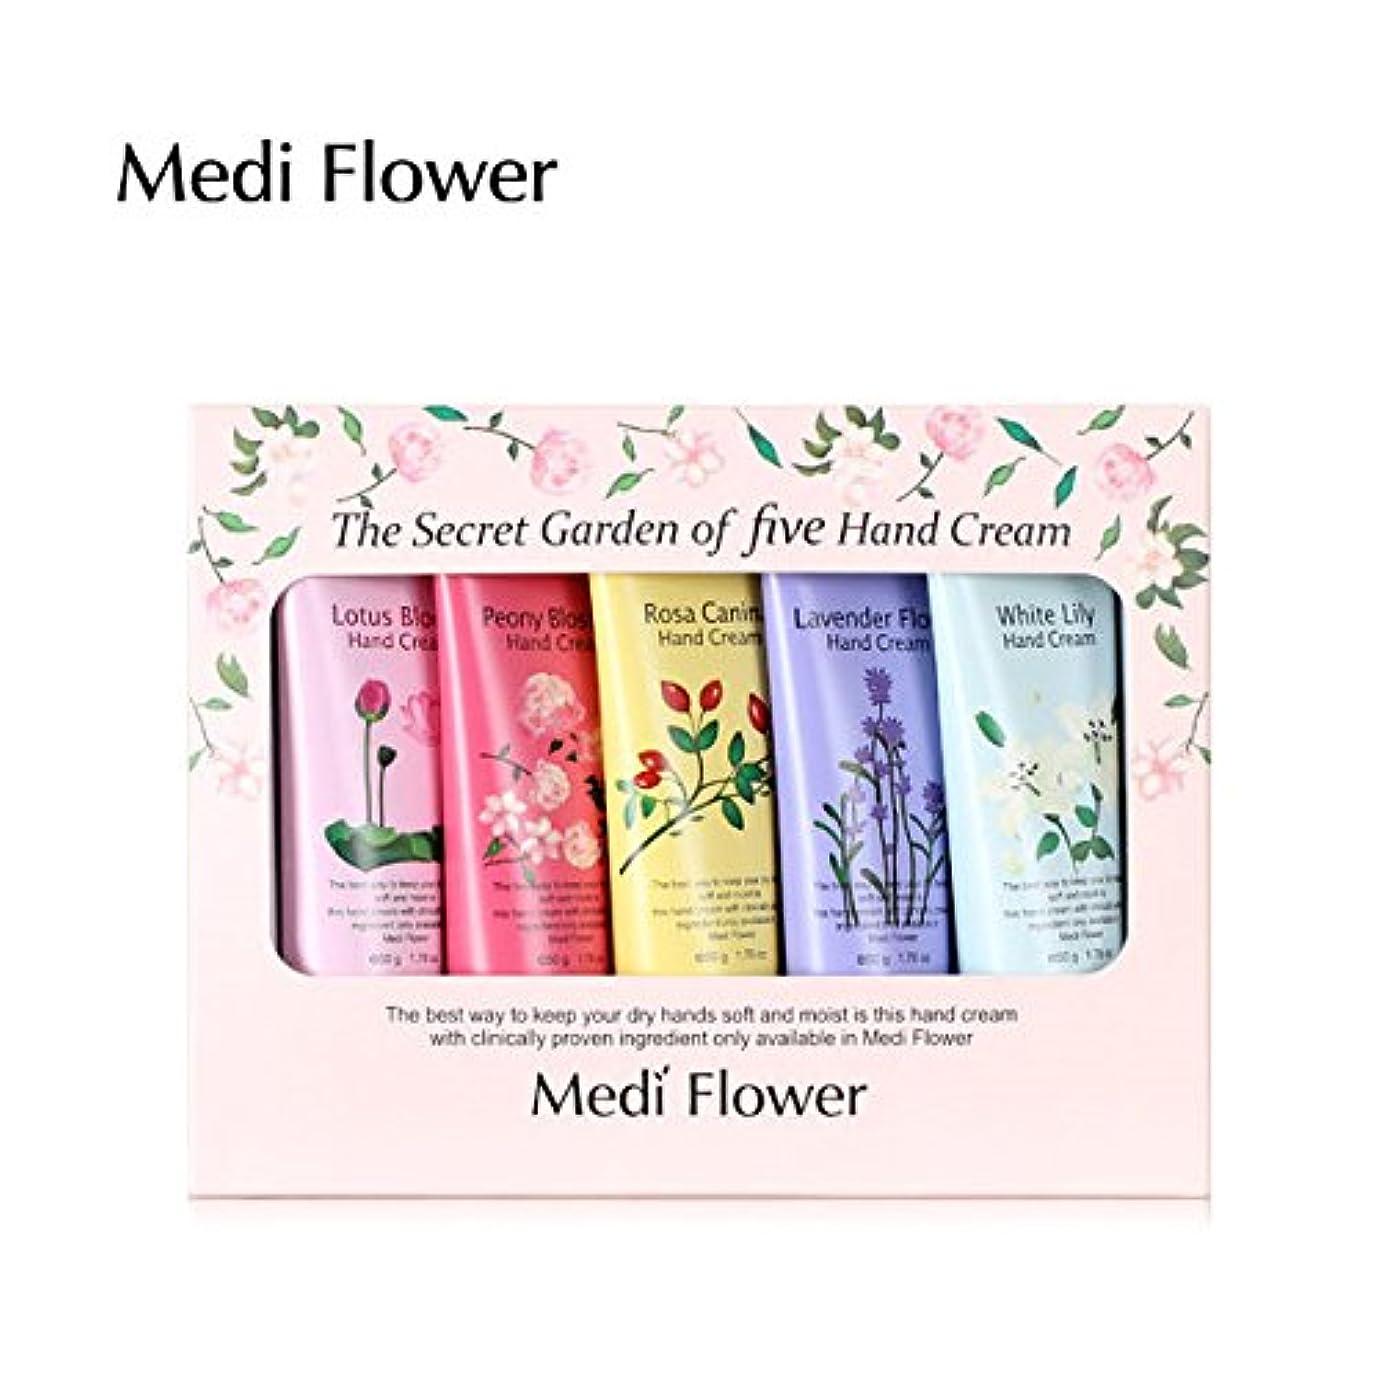 廃止する周術期アレンジ[MediFlower] ザ?シークレットガーデン?ハンドクリームセット(50g x 5個) / The Secret Garden of Five Hand Cream Set